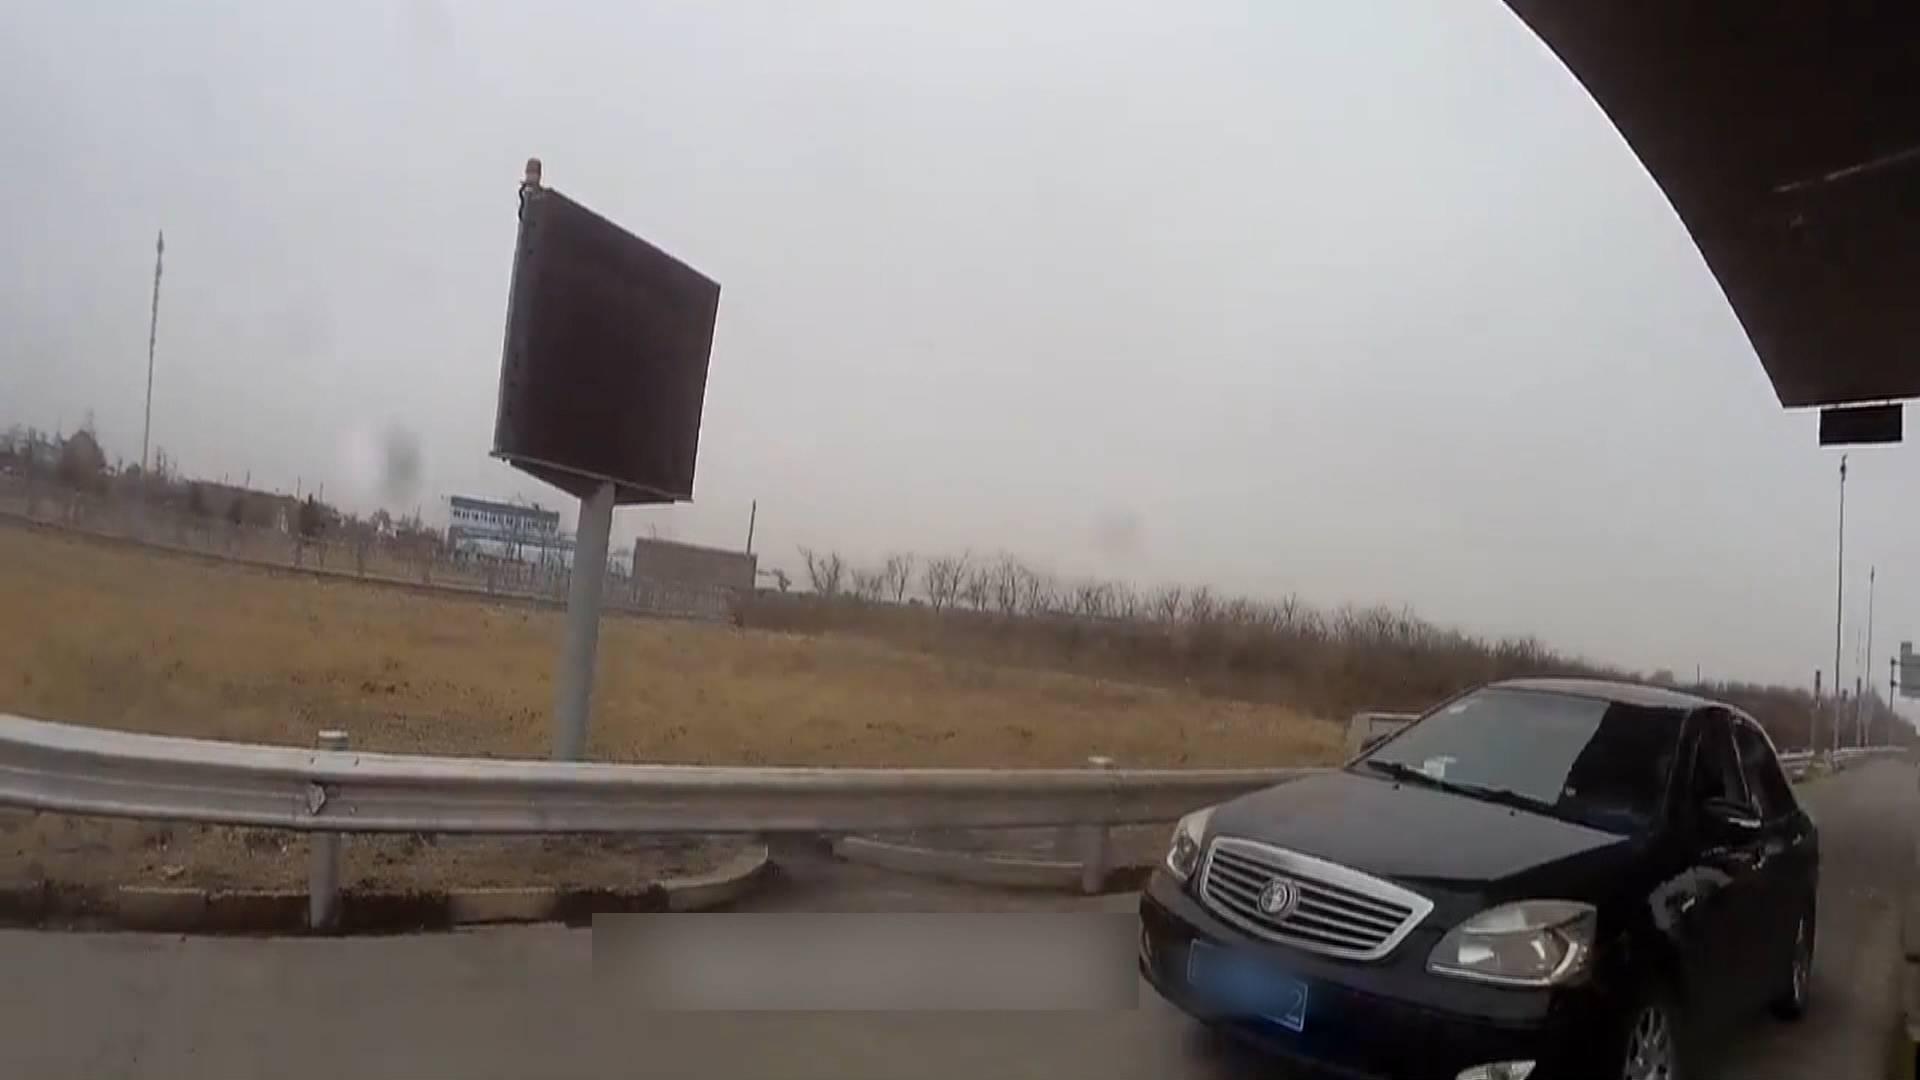 63秒|强行闯卡刮伤辅警后逃窜!司机涉嫌阻碍执行公务被行拘七日